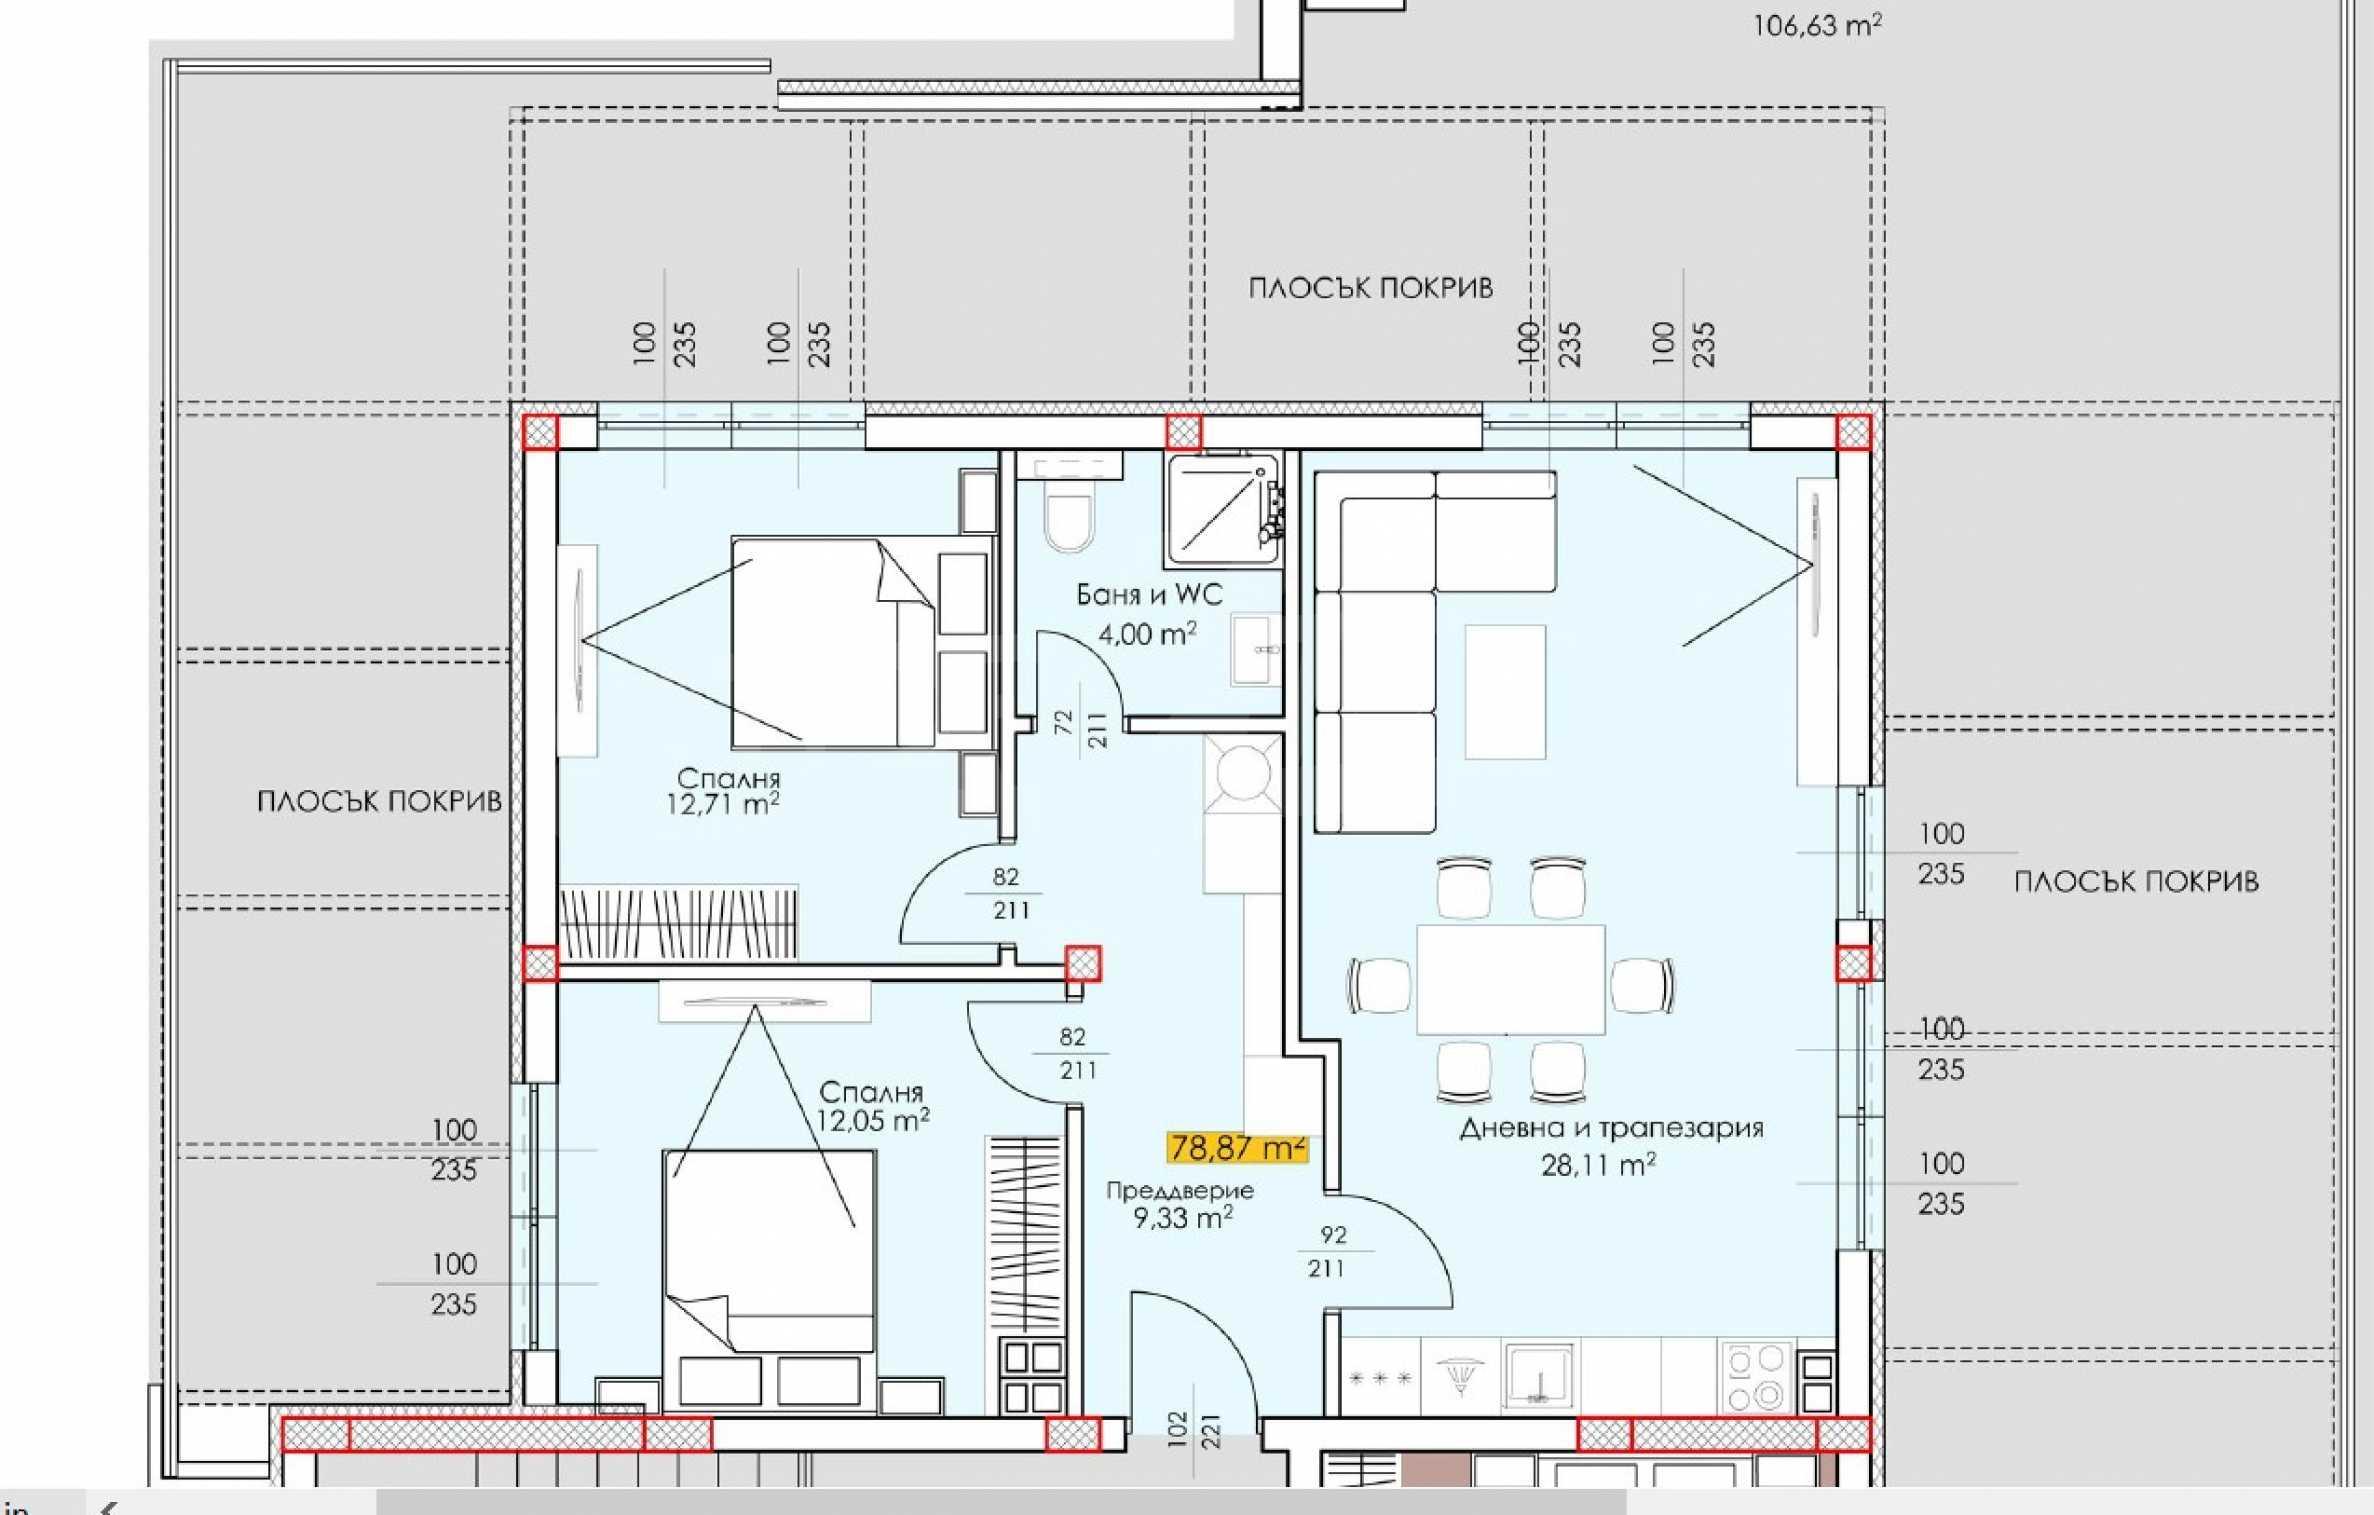 Трехкомнатная квартира с большой террасой на крыше в бутиковом комплексе рядом с гребной базой 1